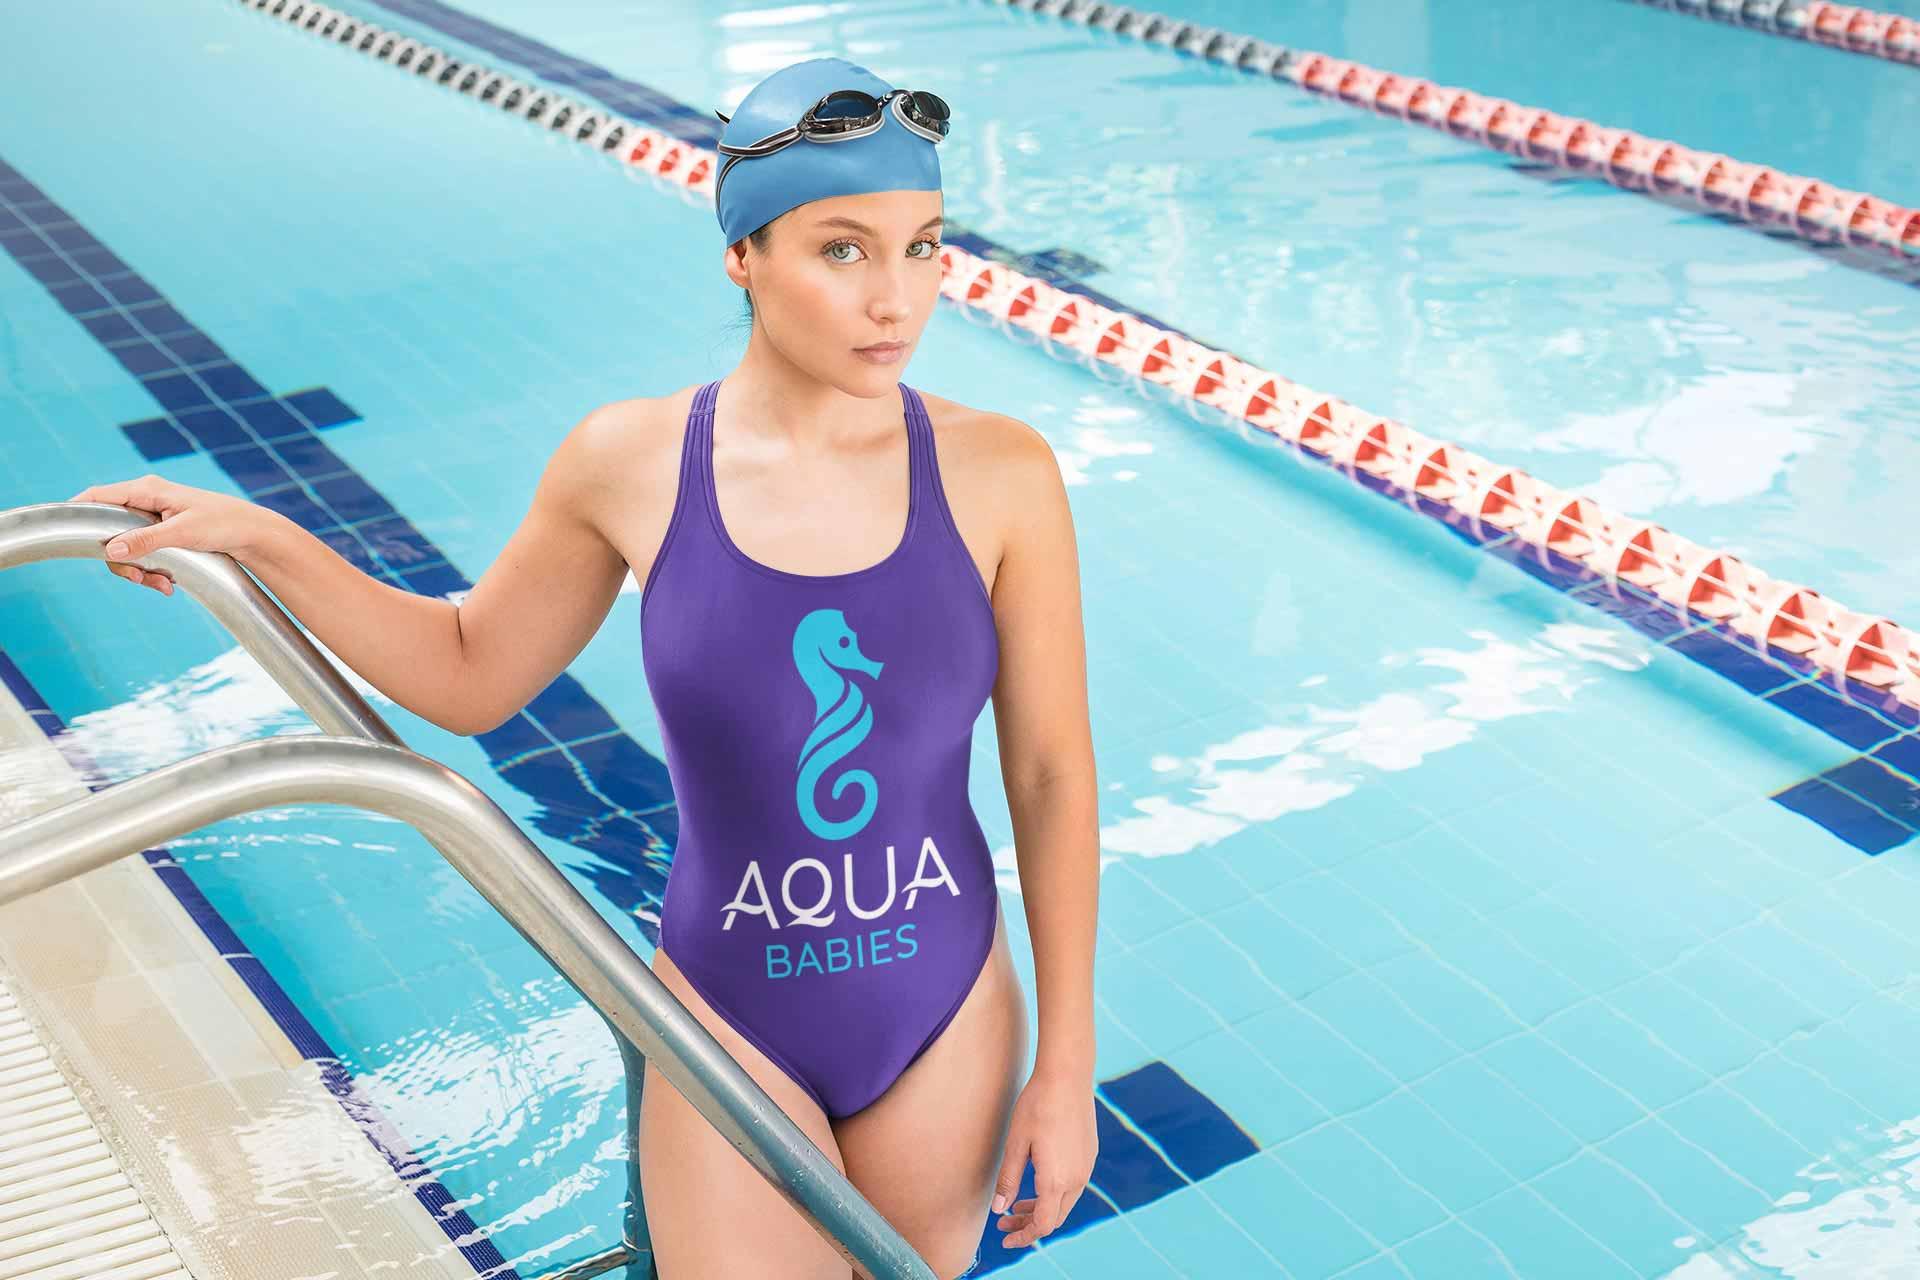 Aqua Babies Logo on a swimming costume